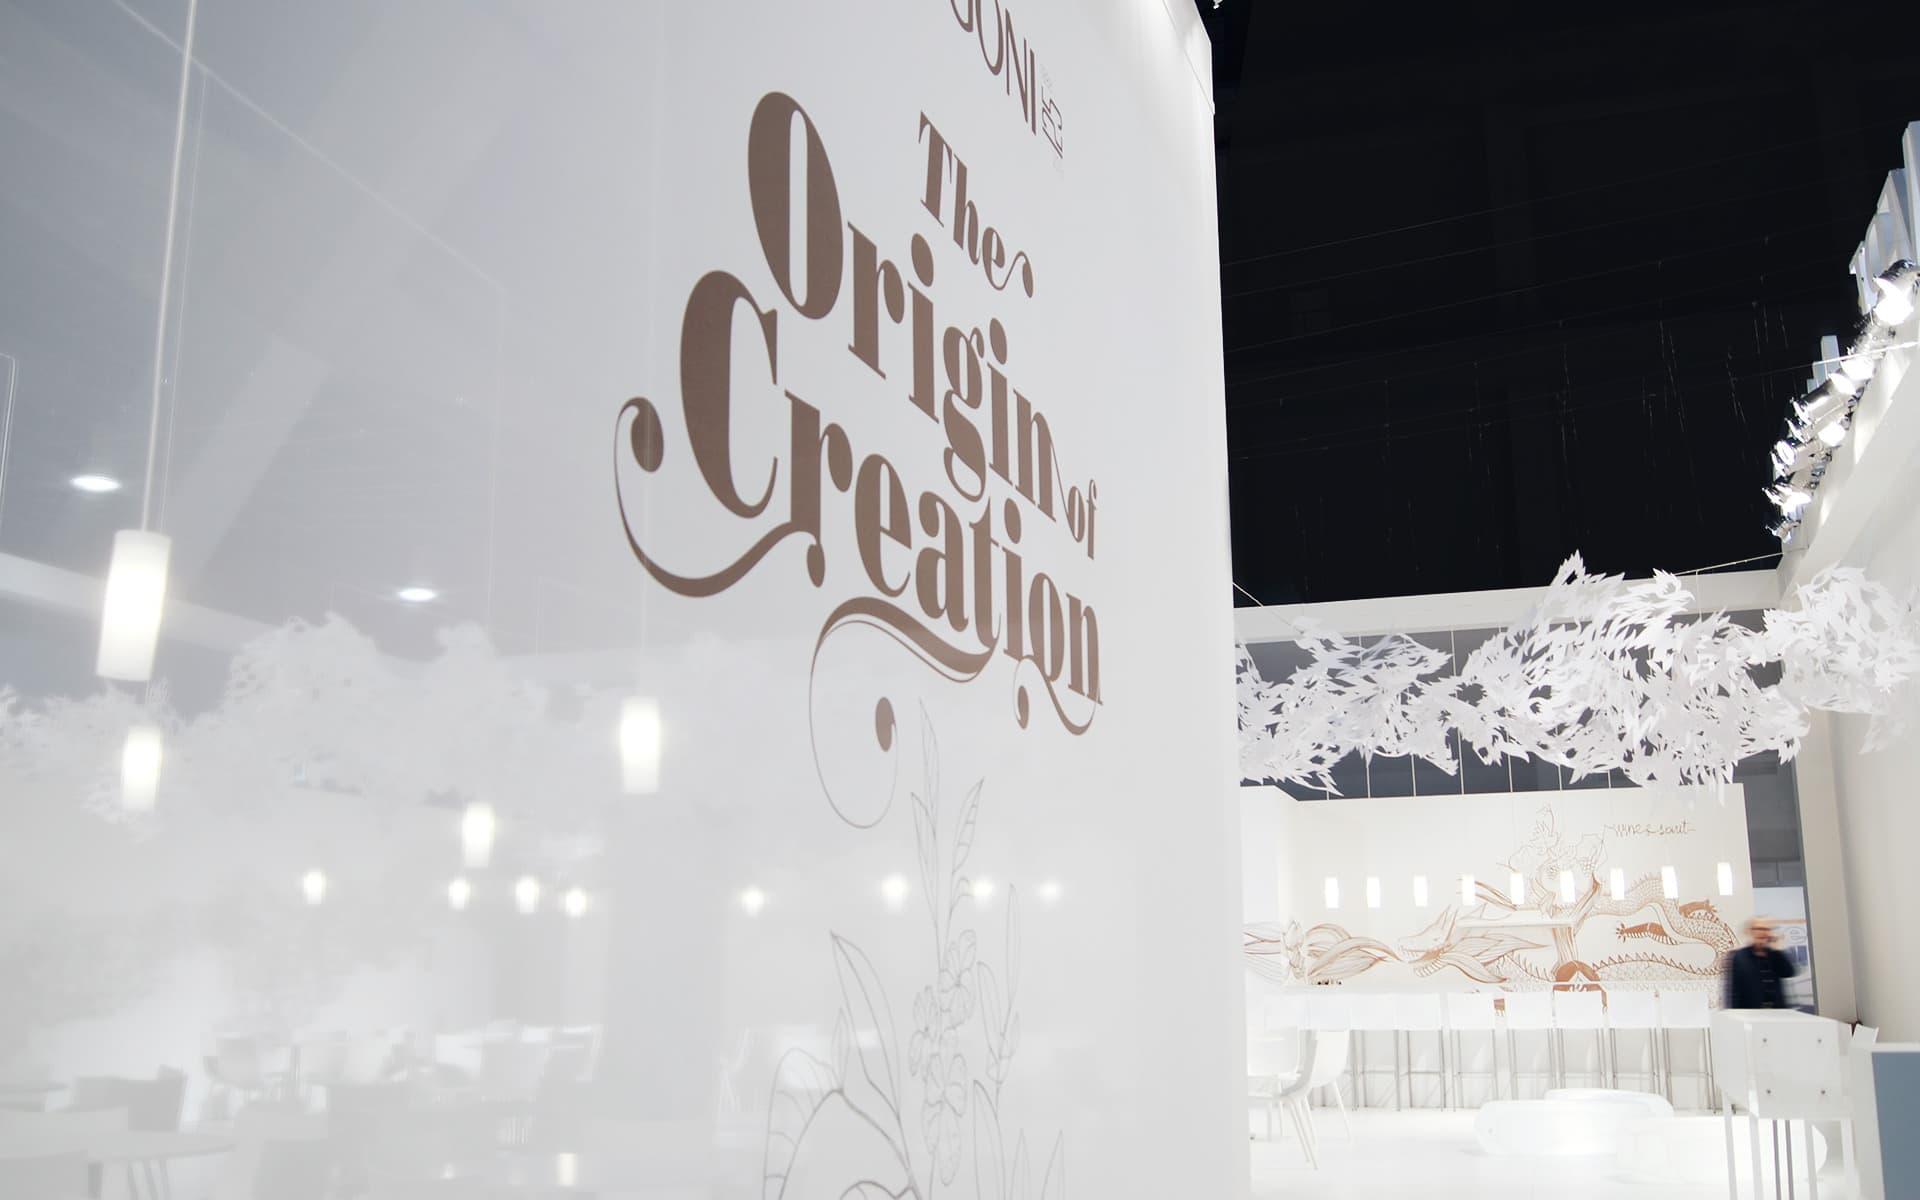 Manter Labelexpo trade fair (EXPO) stand design